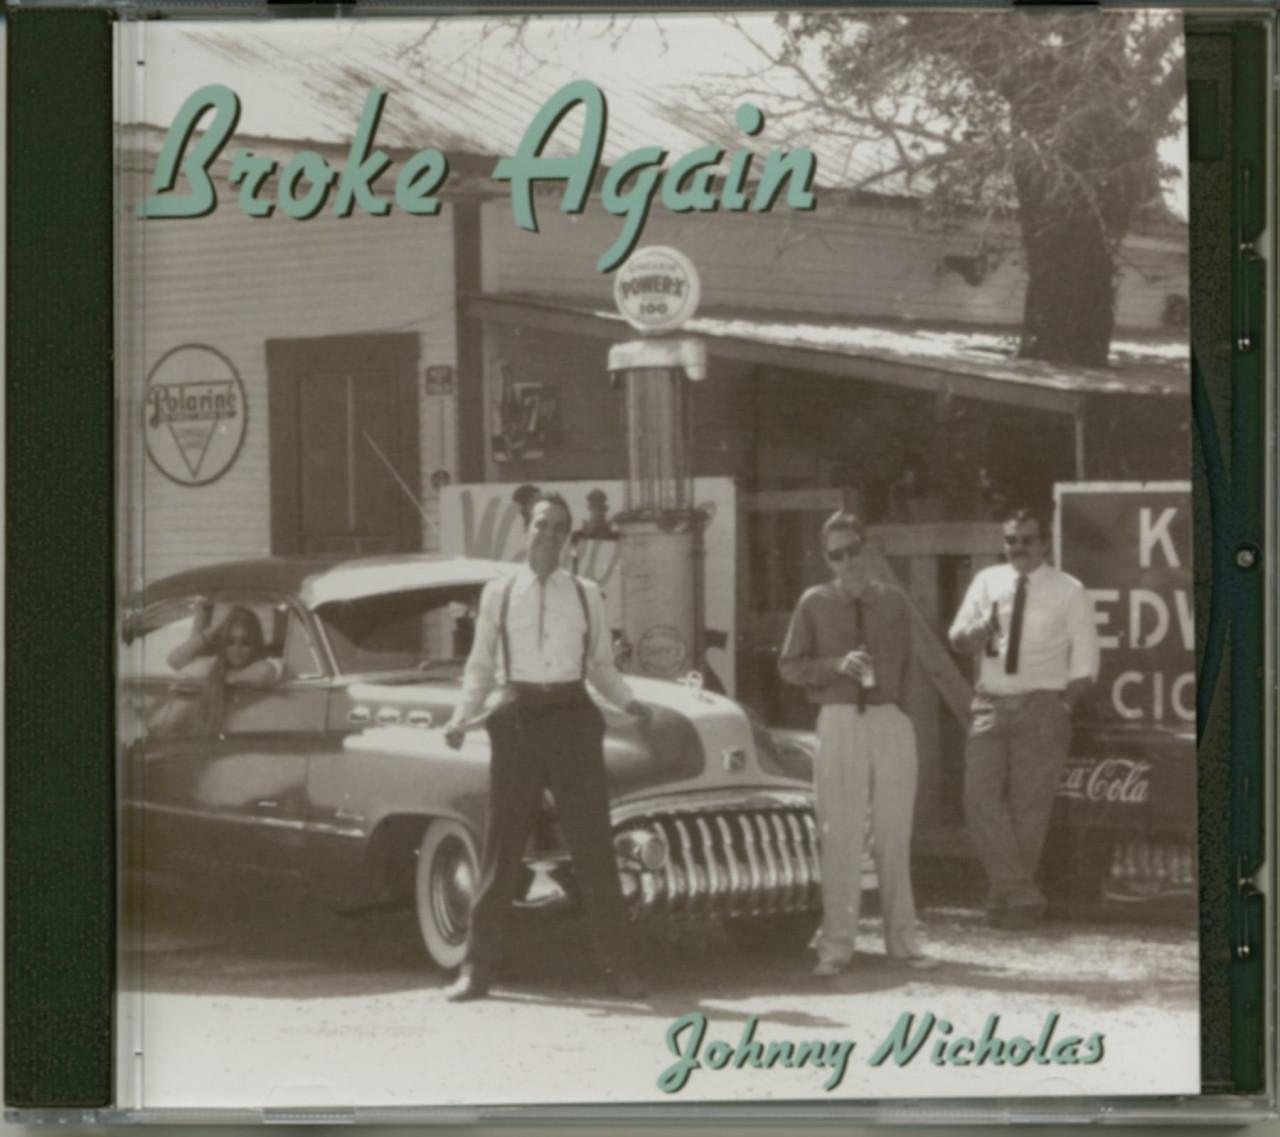 Johnny Nicholas - Broke Again (CD)